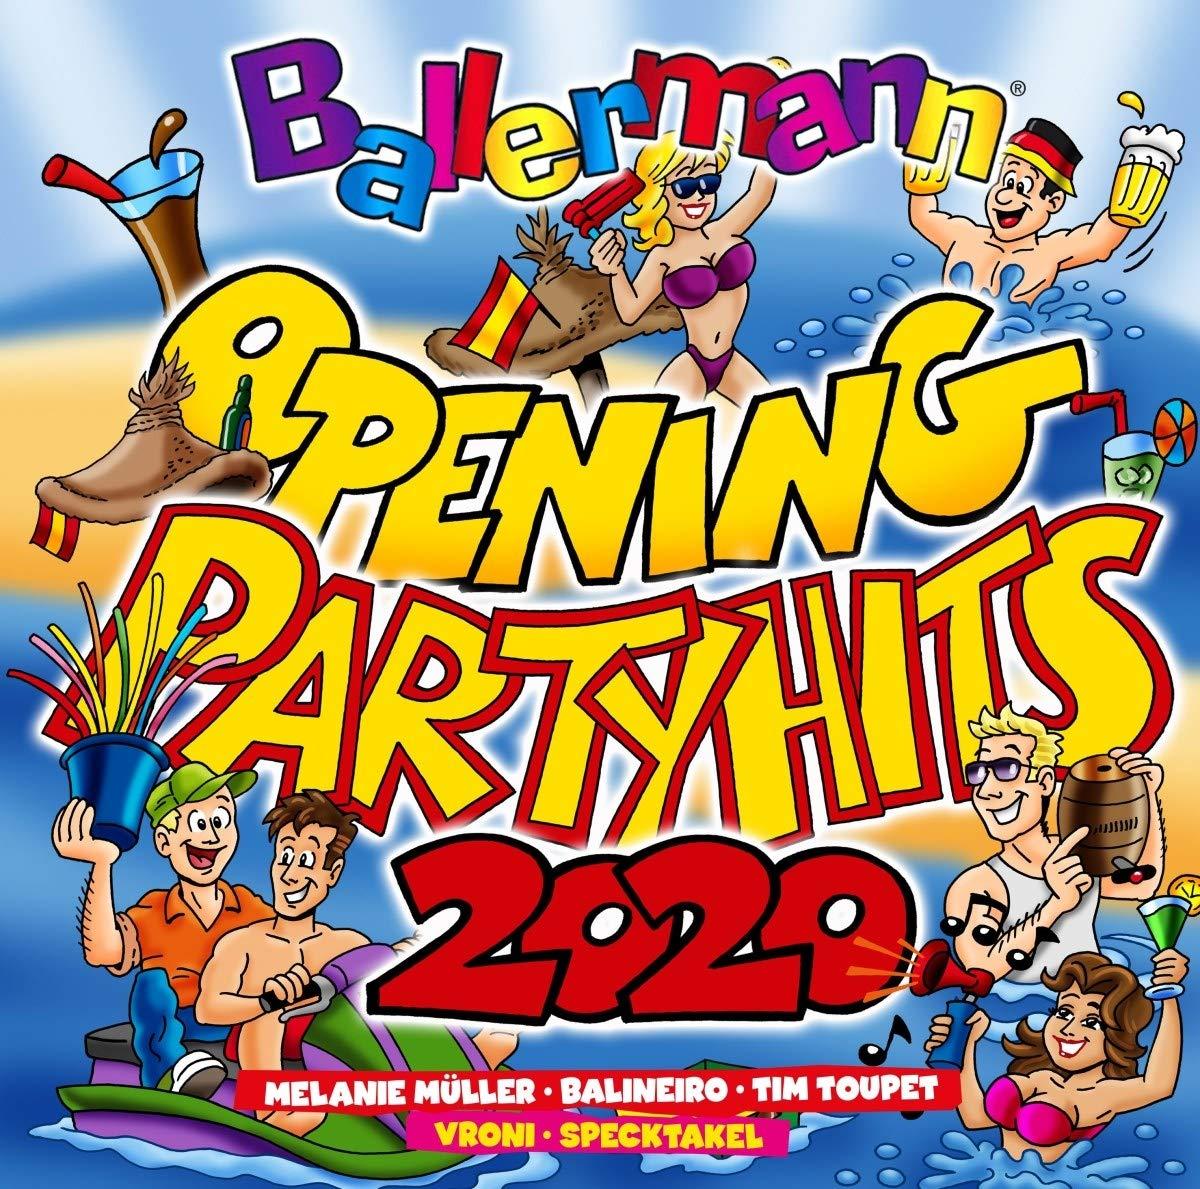 CD Ballermann Opening Megamix 2020